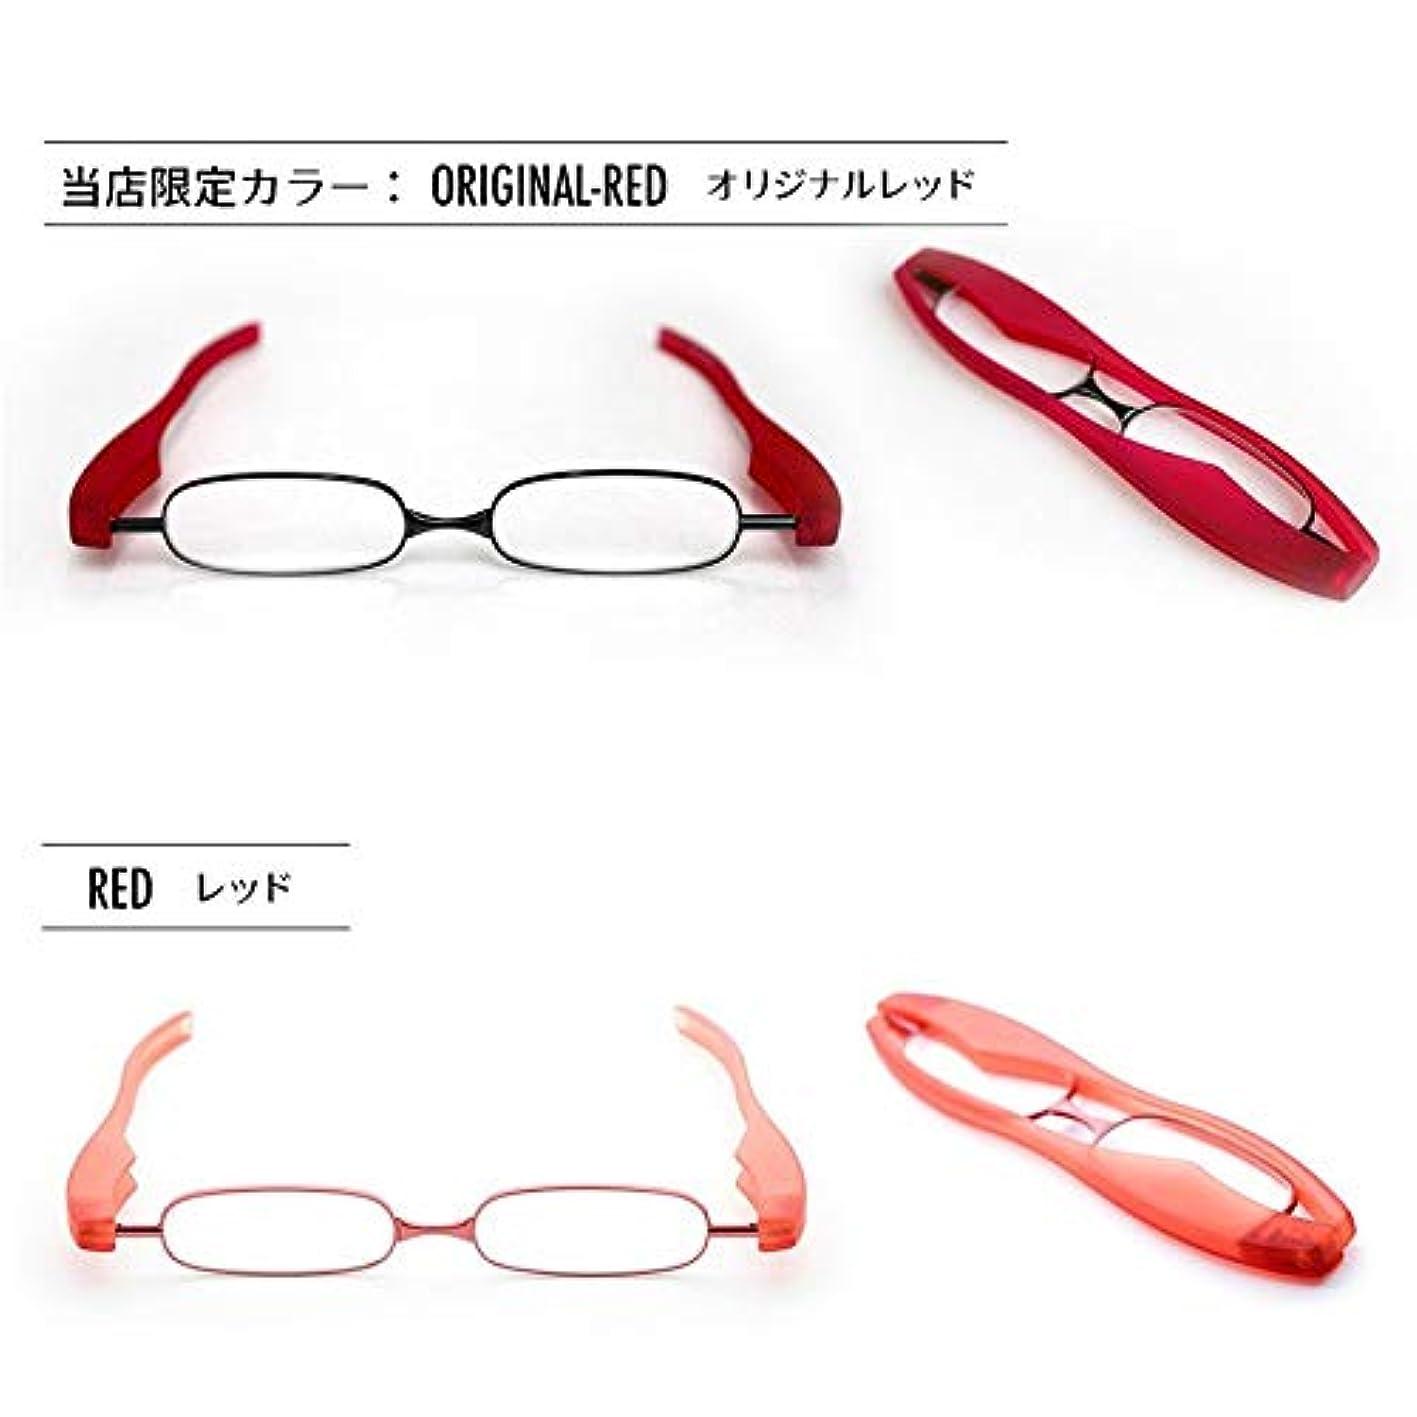 老眼鏡 ポットリーダースマート 2本セット【オリジナルレッド(3.0)】+【レッド(1.0)】